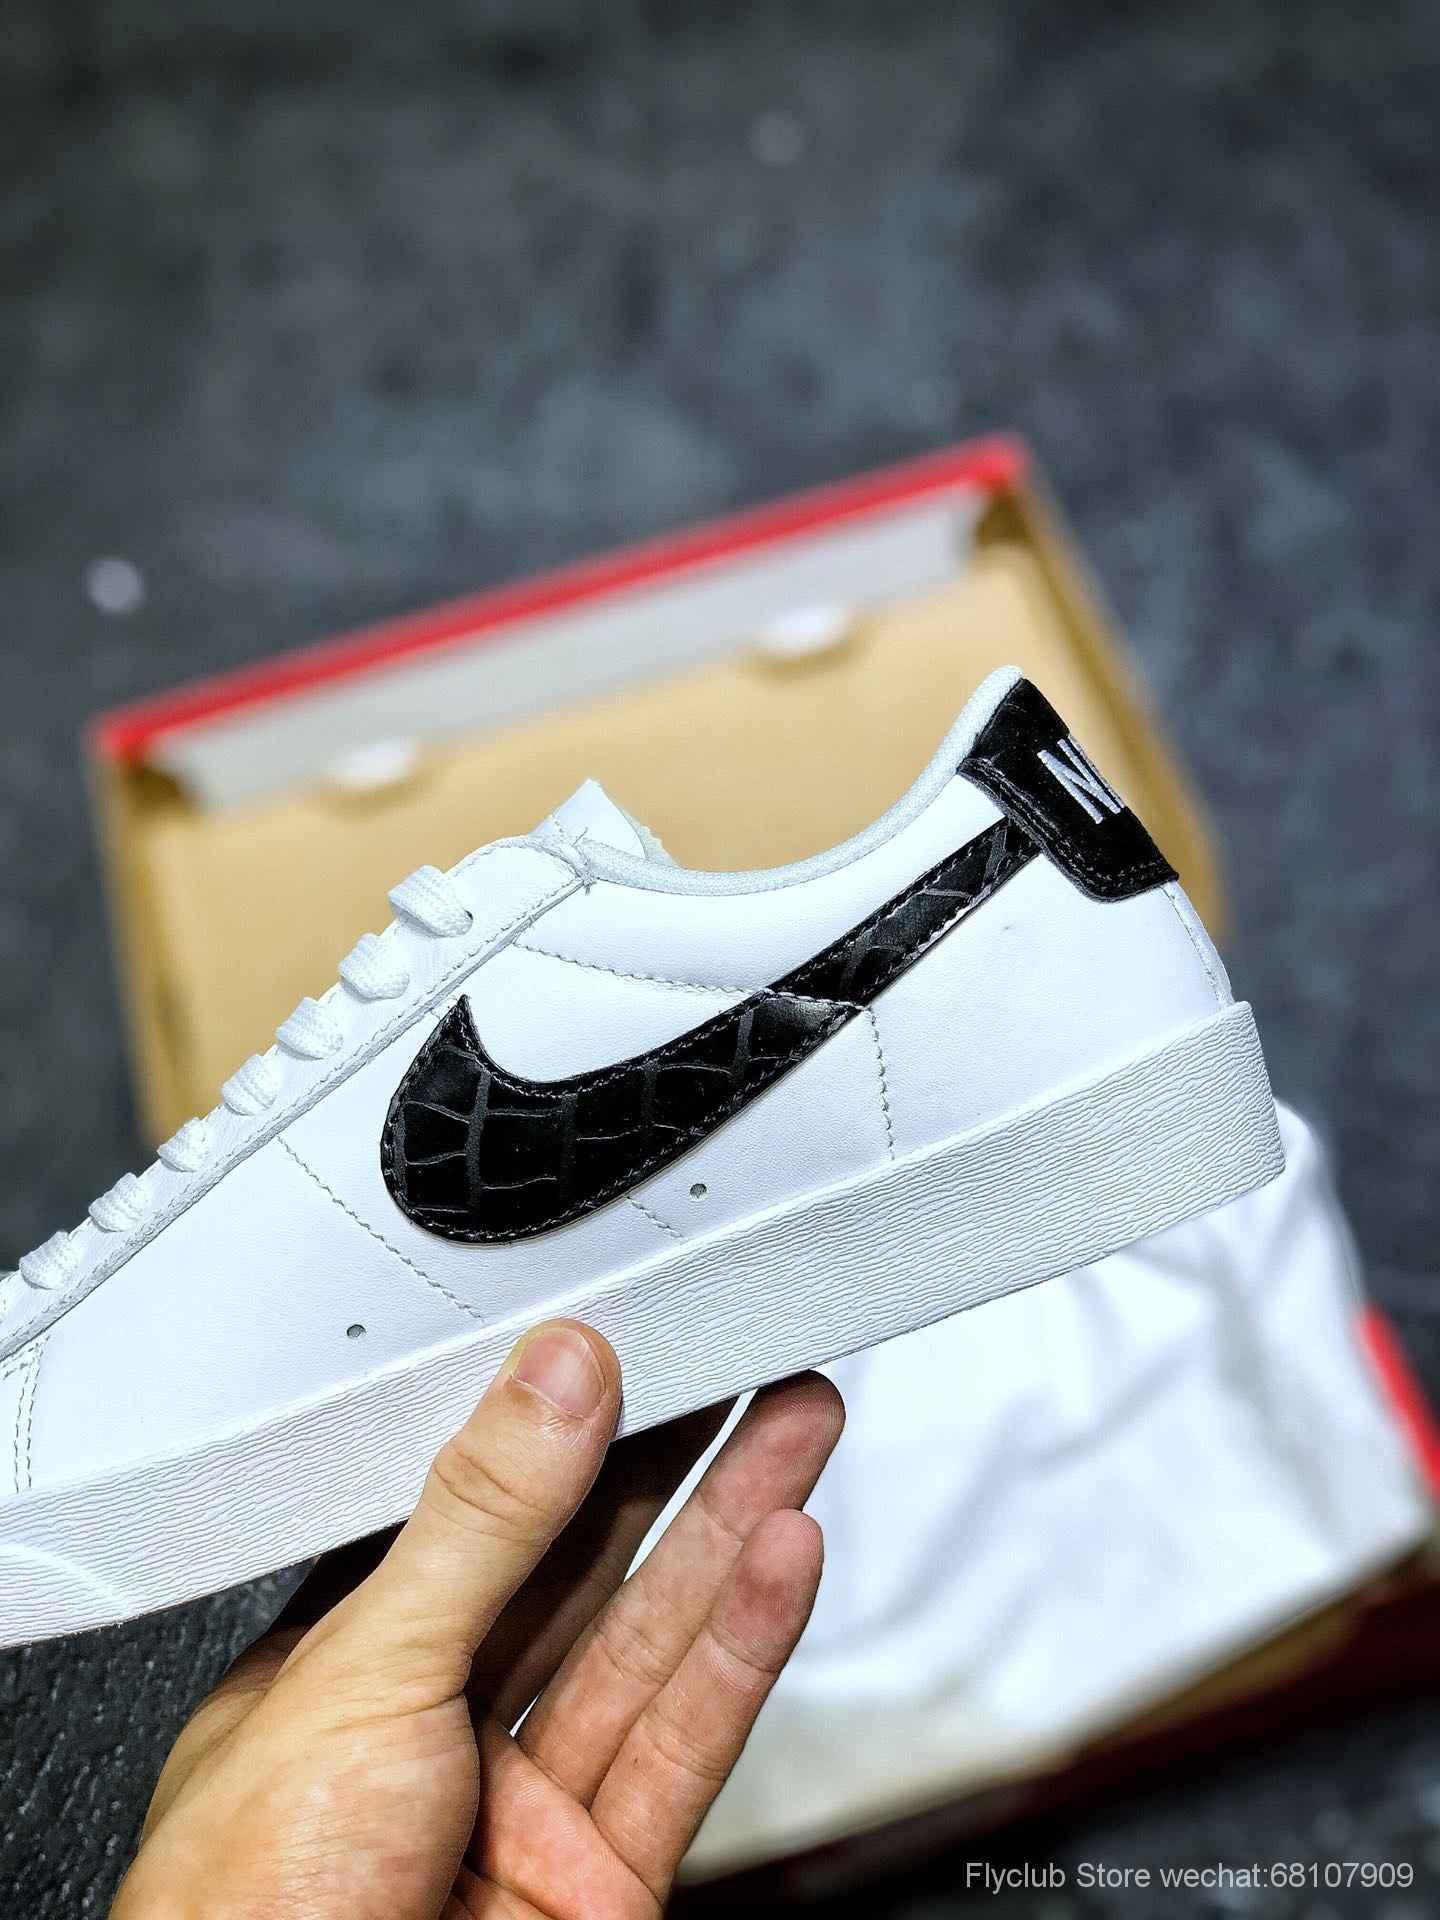 平台专供订单 ‼️Nike Blazer Low Premium开拓者低帮板鞋 夏款 薄鞋舌AA3961-100